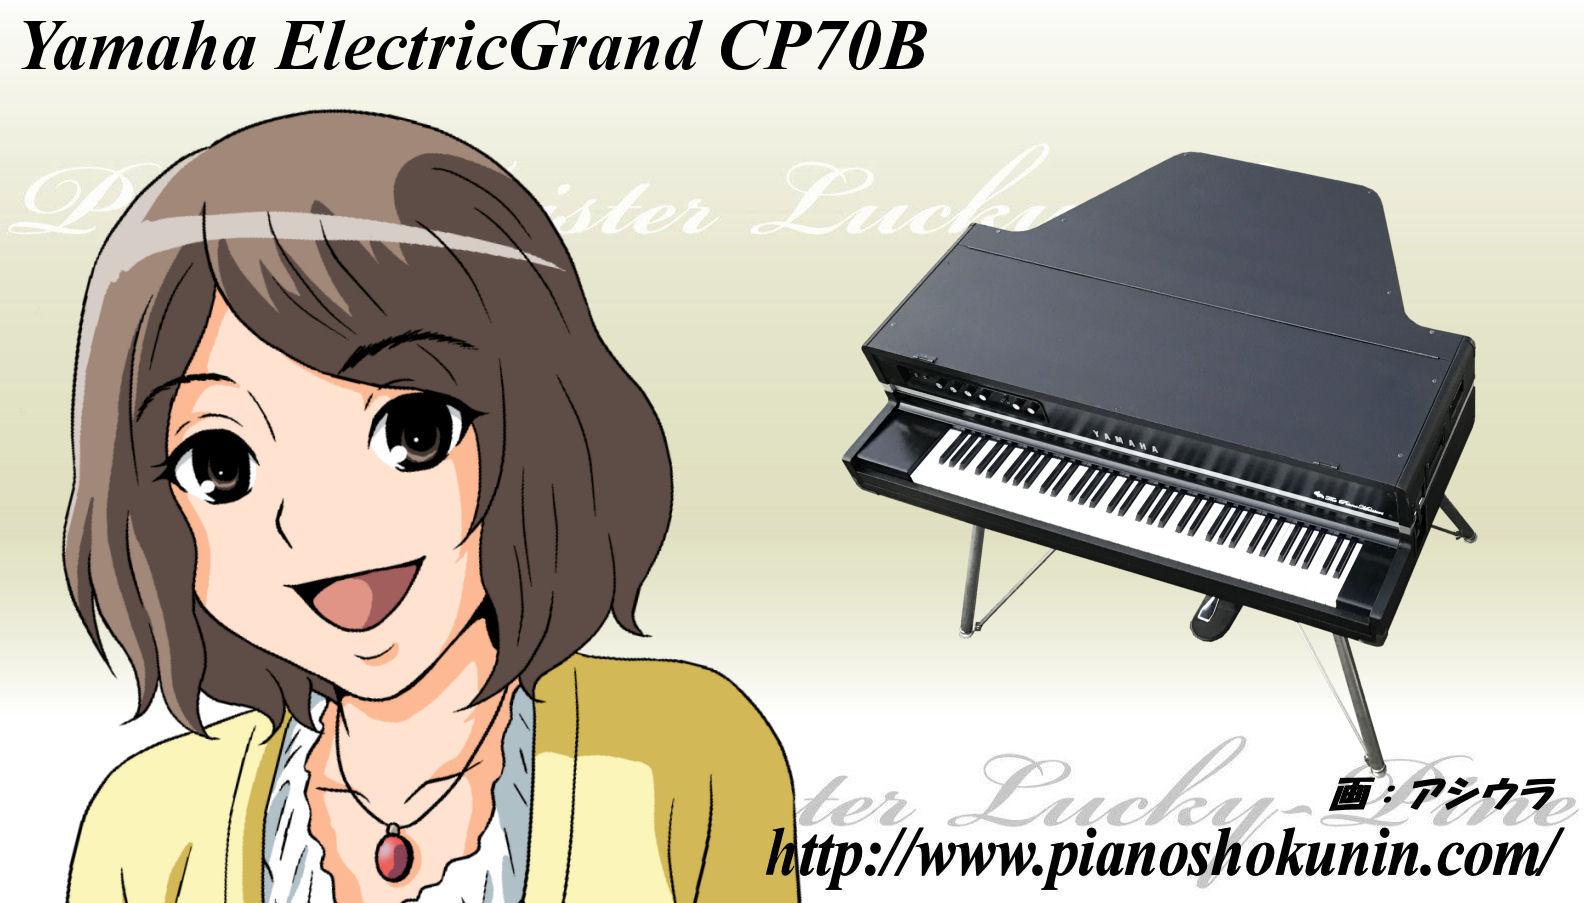 CP70B